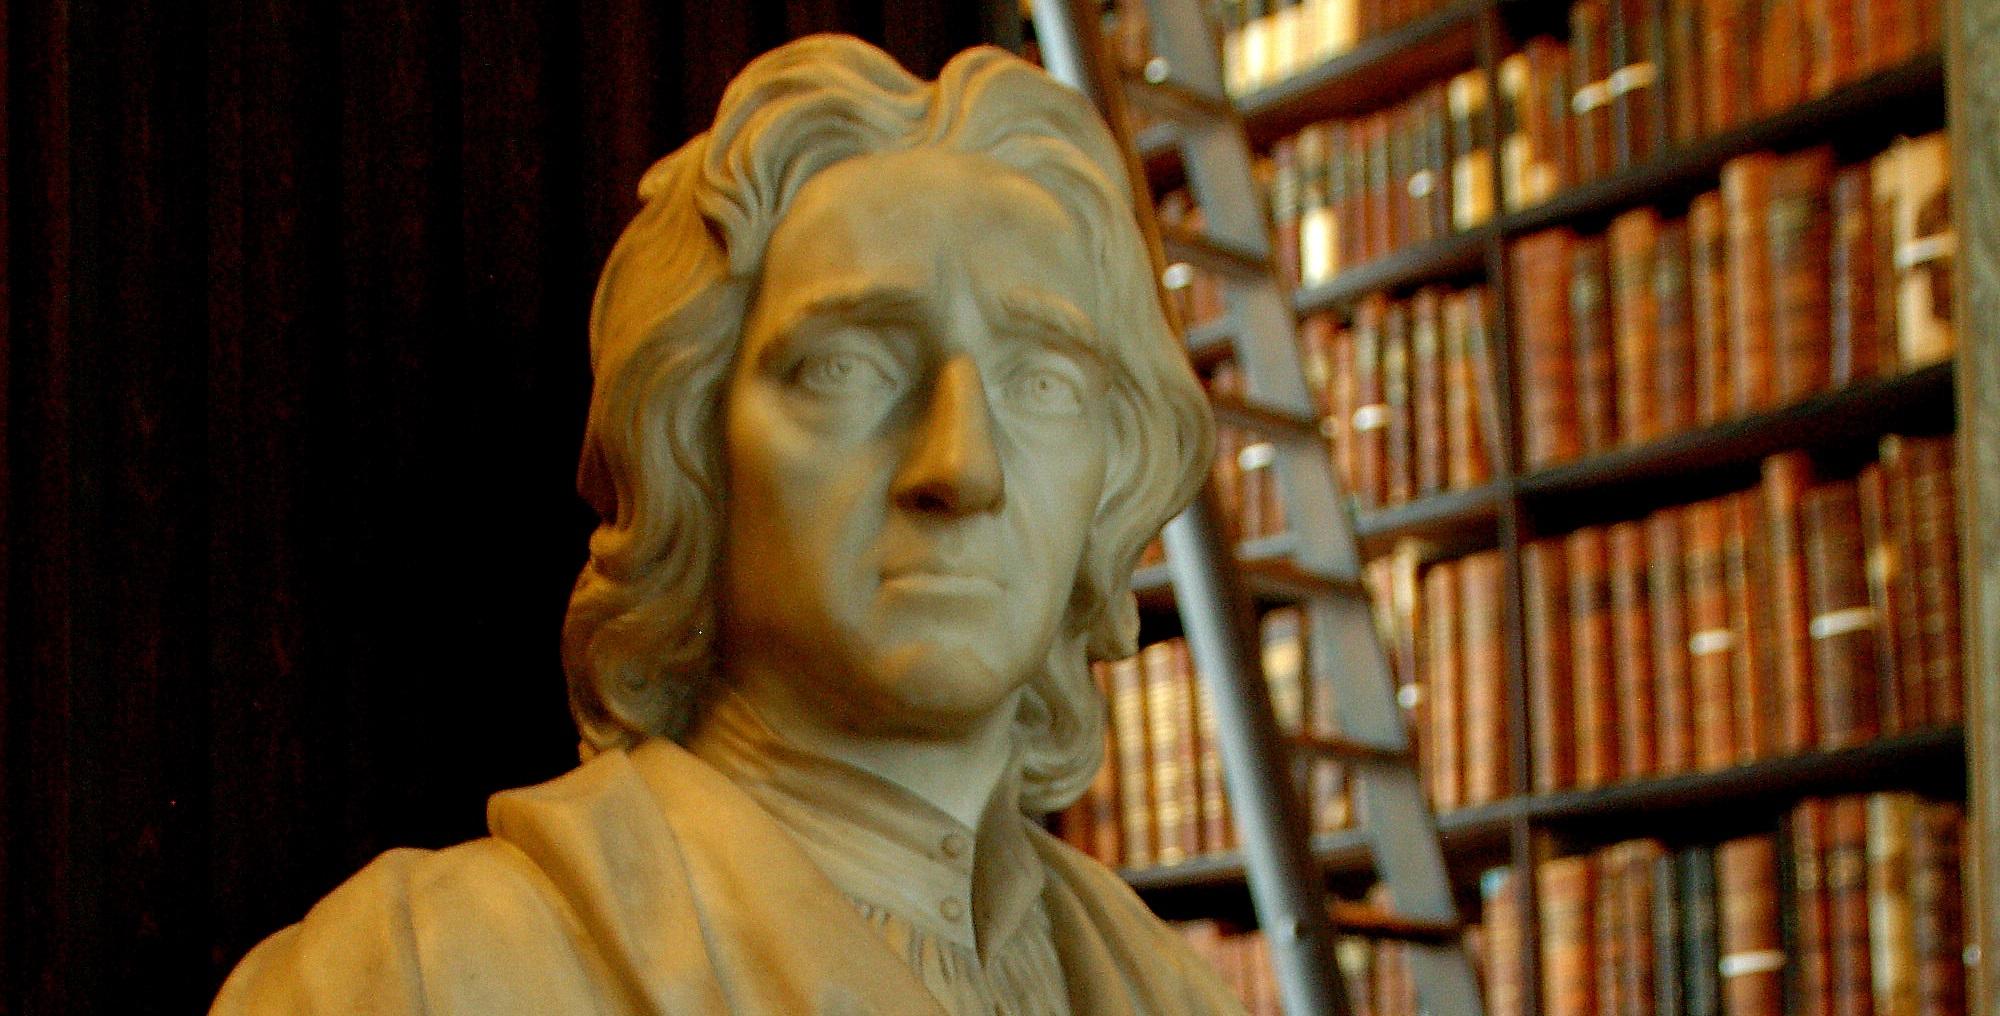 John locke essay concerning human understanding nidditch